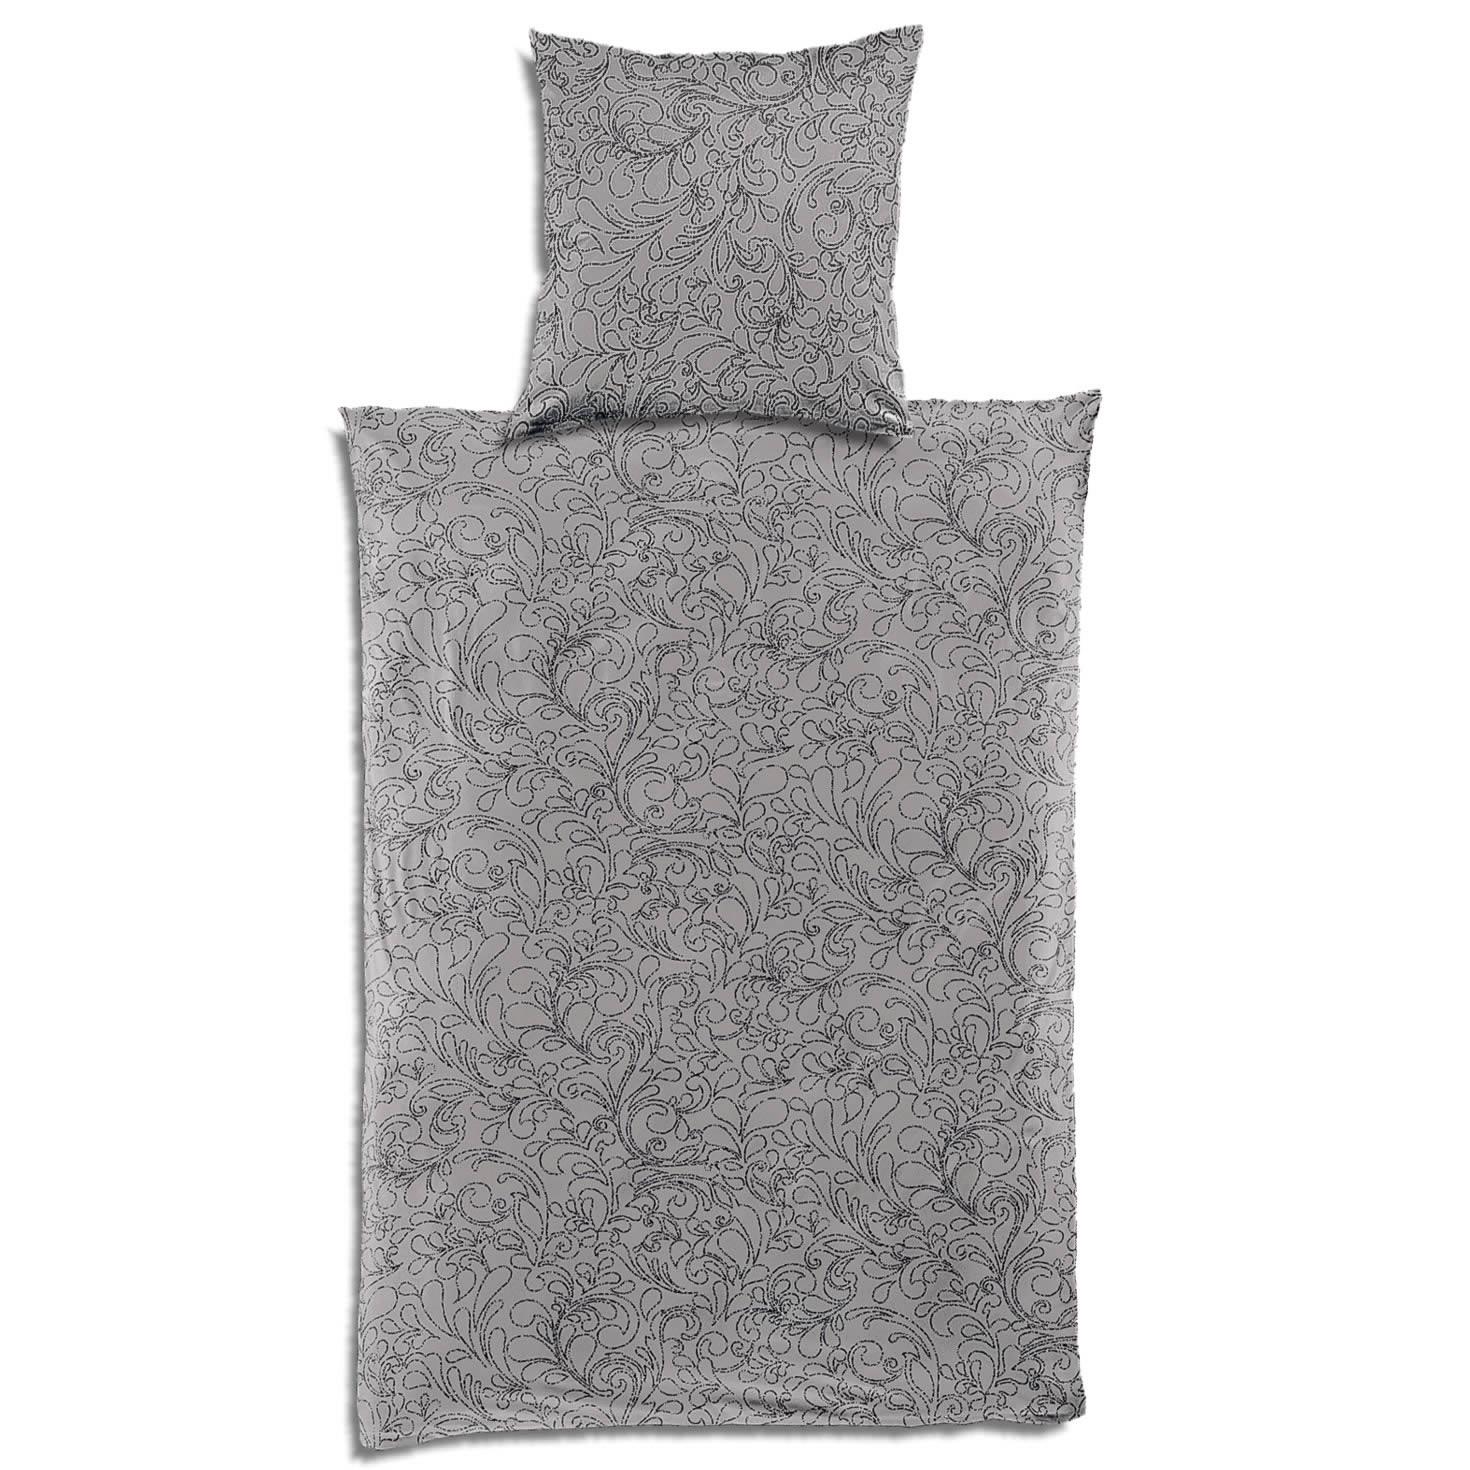 Bierbaum Jersey Bettwäsche 135x200 Cm 3293 01 Grau Schwarz Blätter